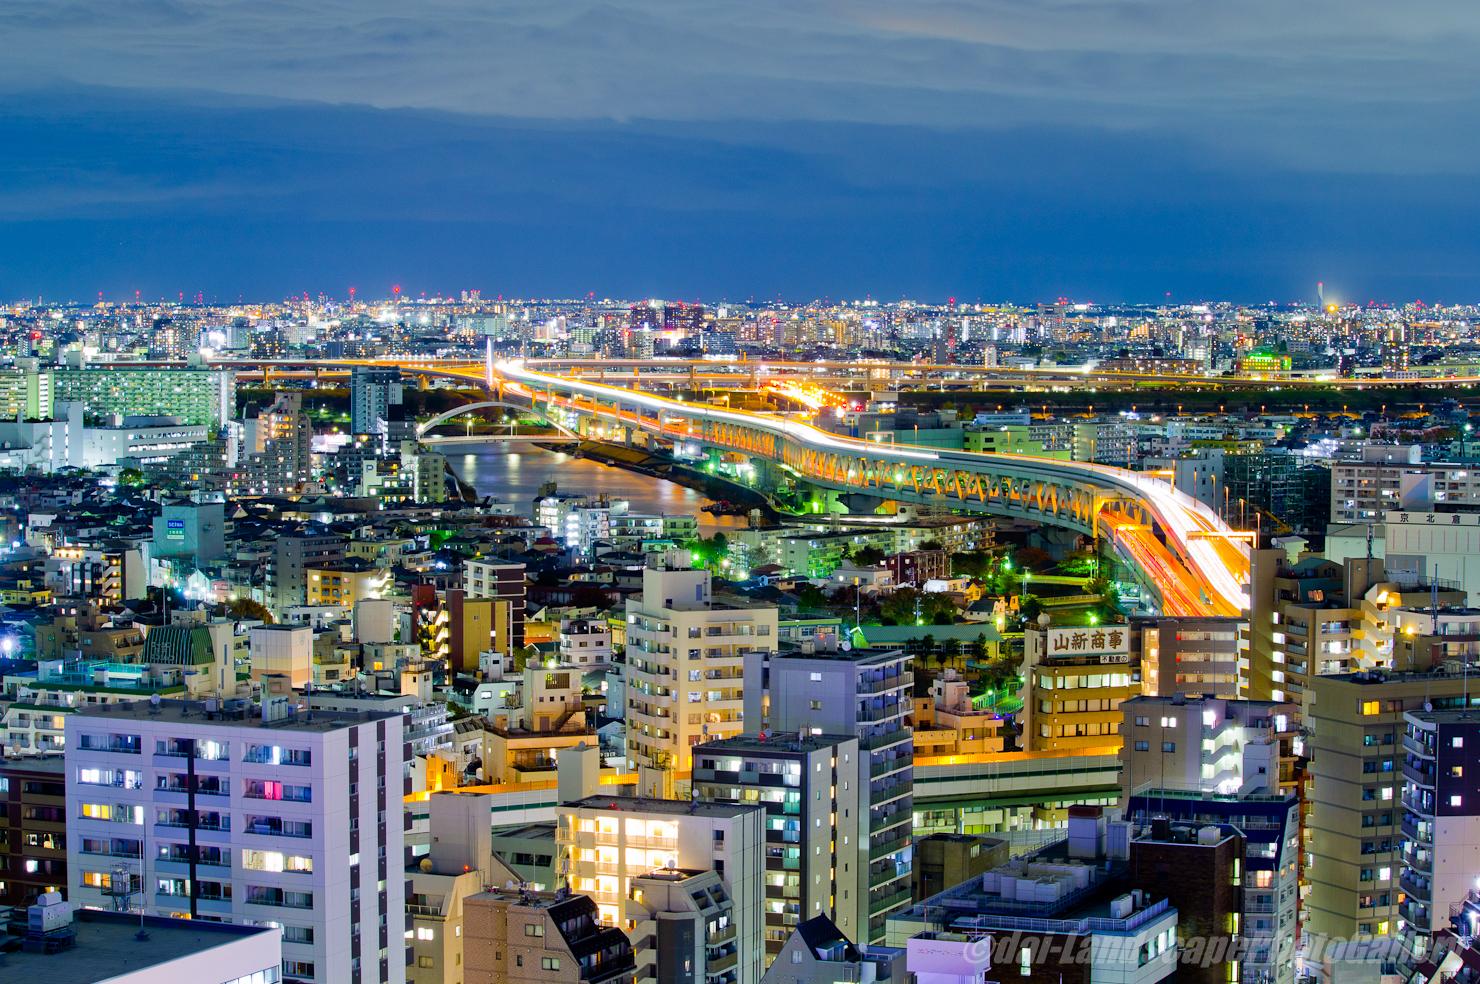 首都高中央環状線俯瞰夜景